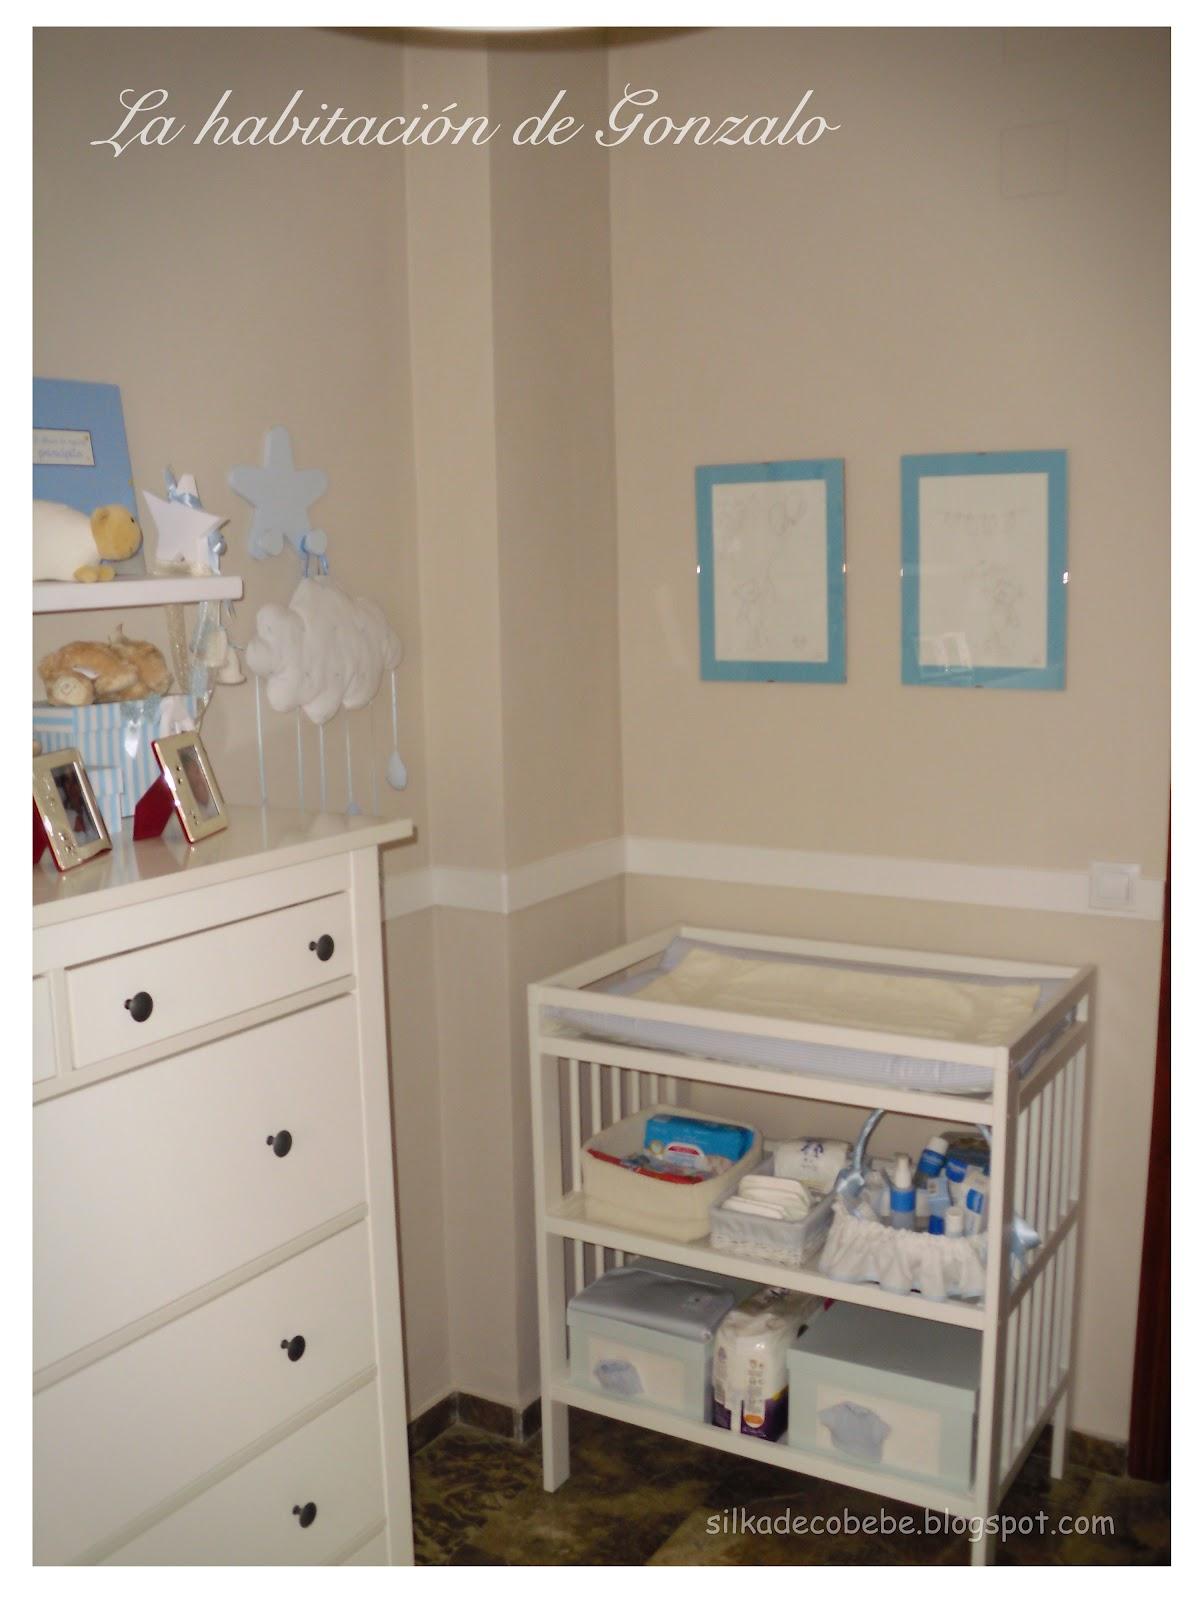 Mueble blanco habitacion bebe 20170802003609 - Habitacion infantil decoracion ...